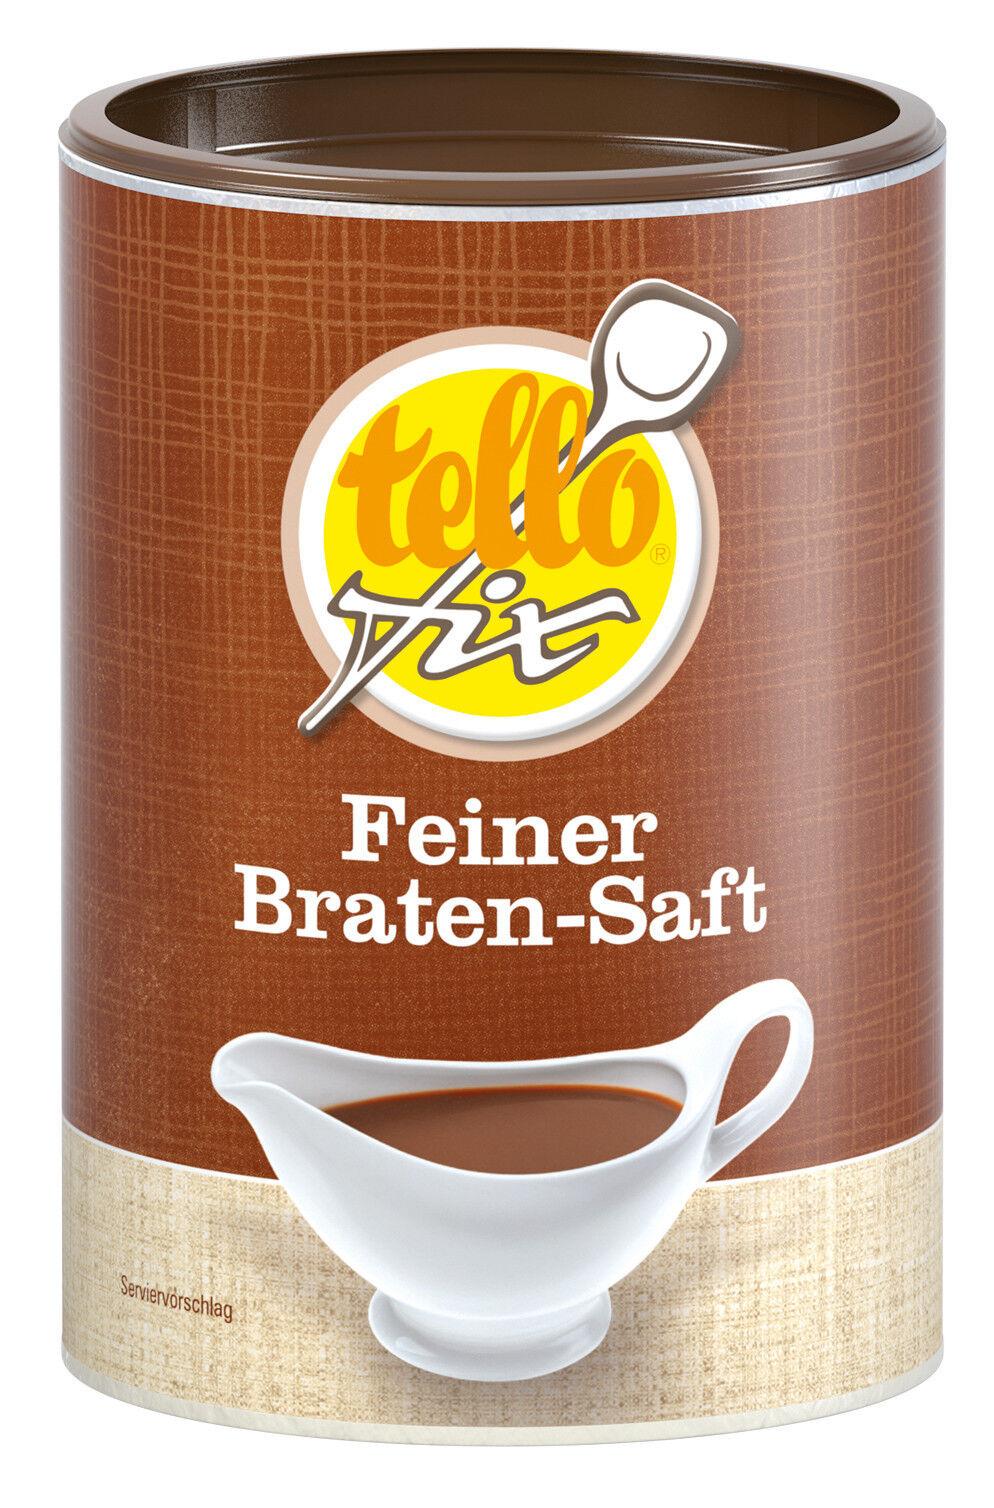 tellofix Feiner Braten-Saft 200 g (2 l) dunkle Bratensoße m. Fleischnote